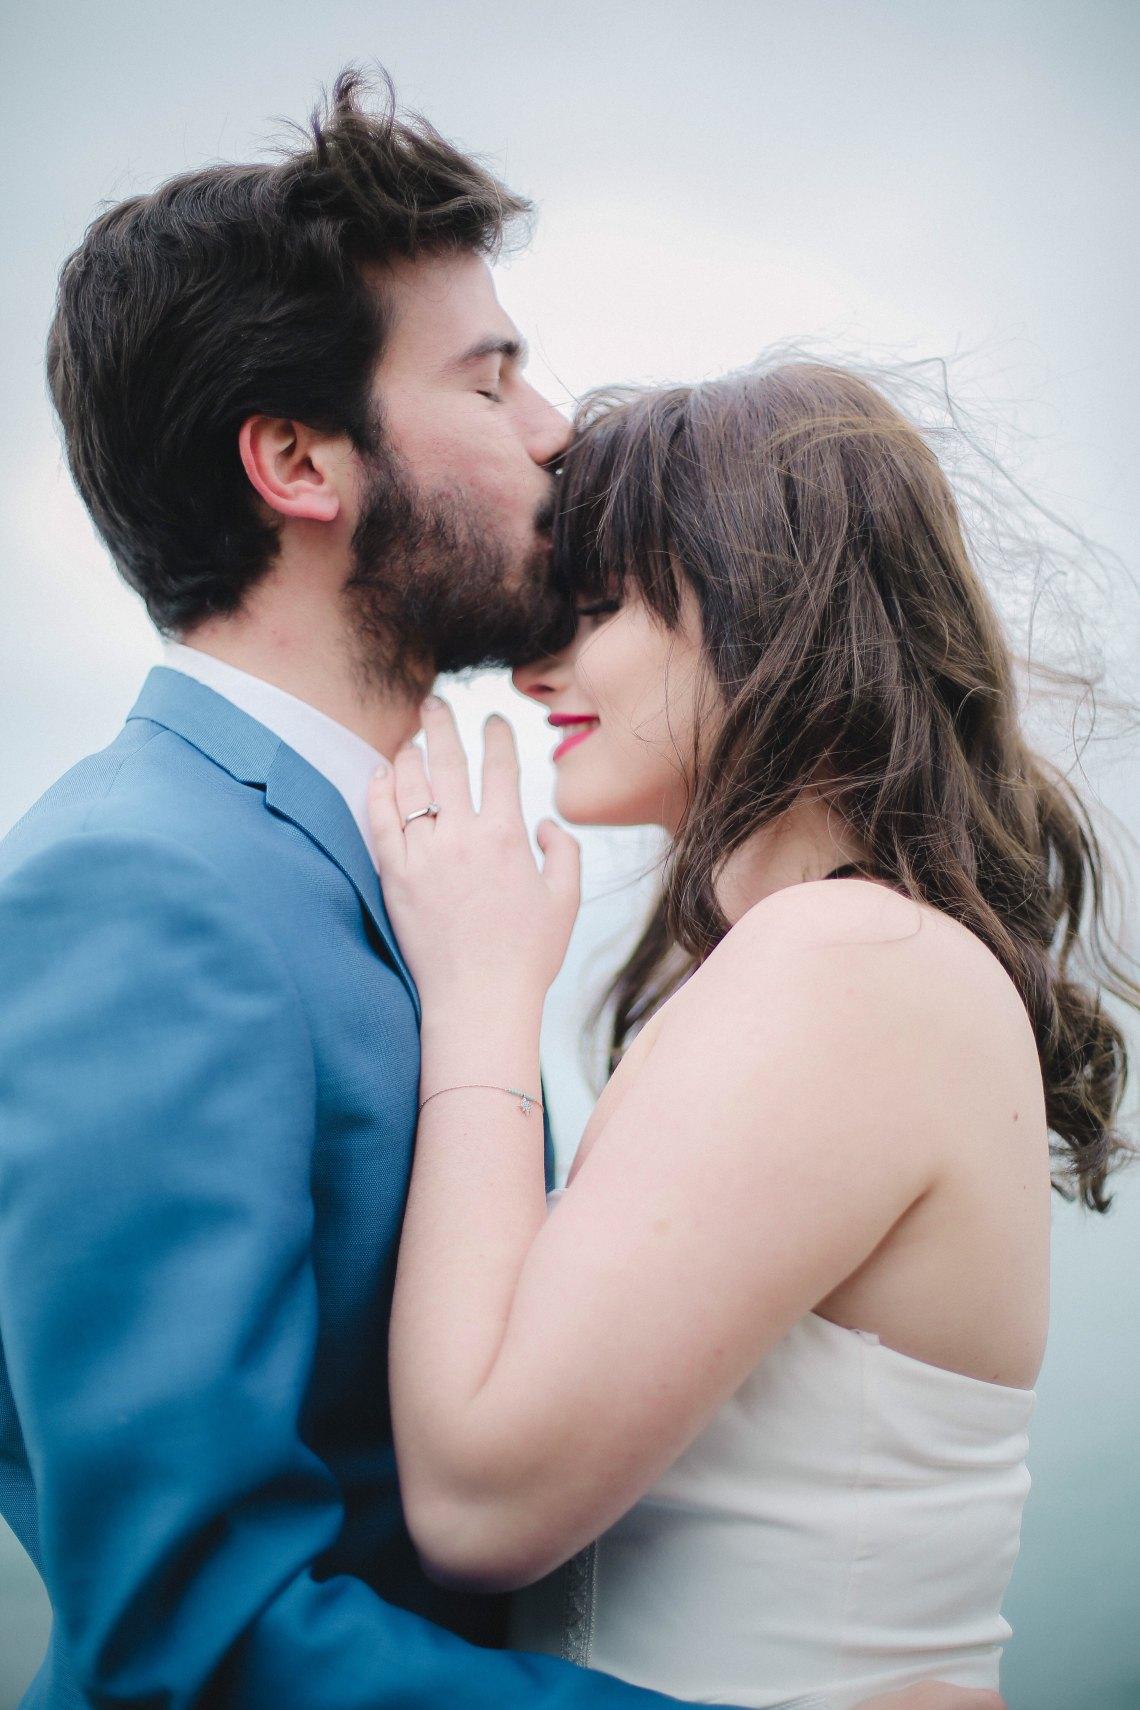 A couple at a wedding